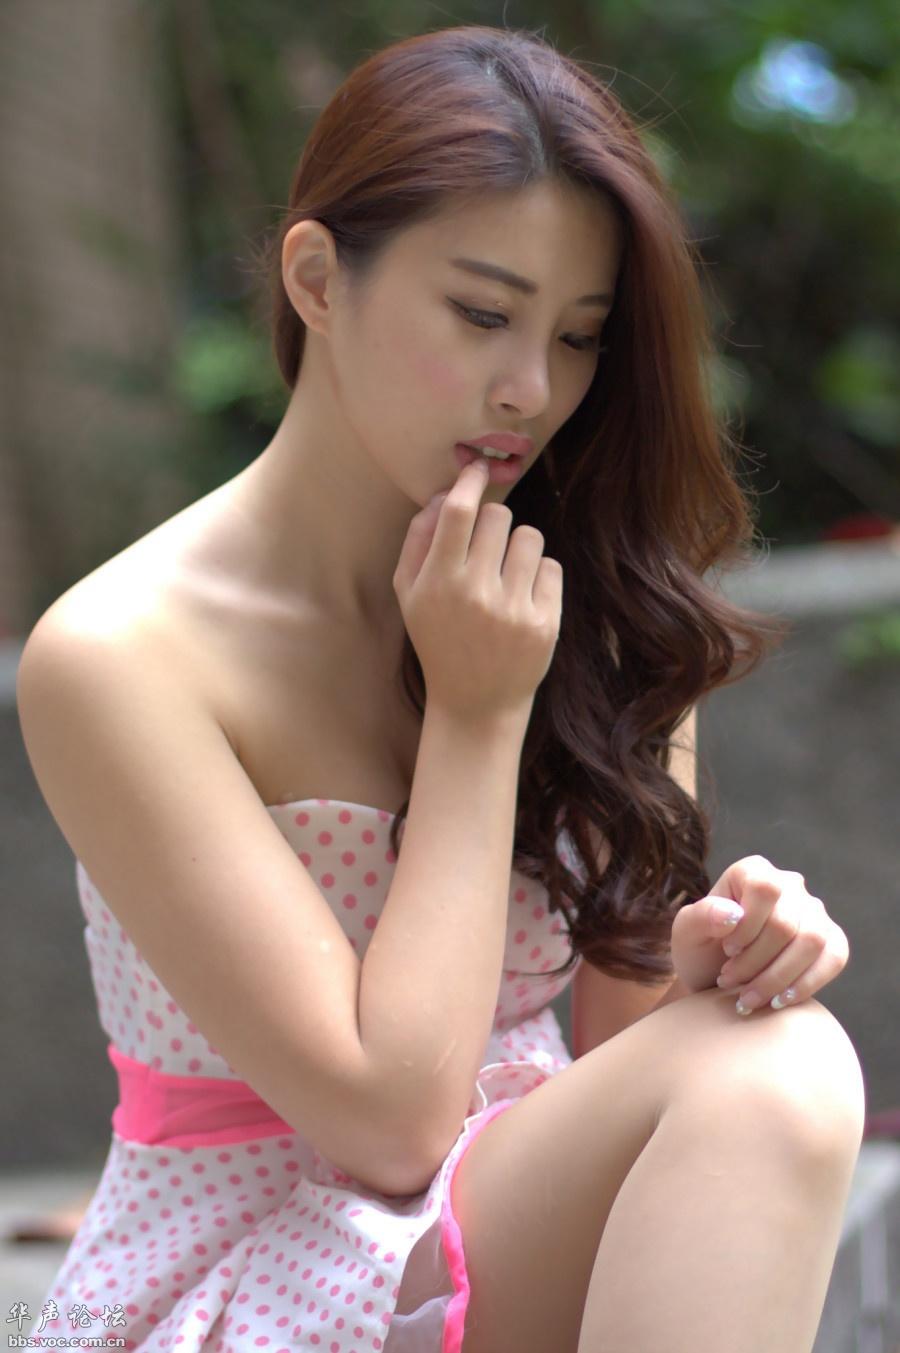 成熟女人艳如桃2 - 花開有聲 - 花開有聲